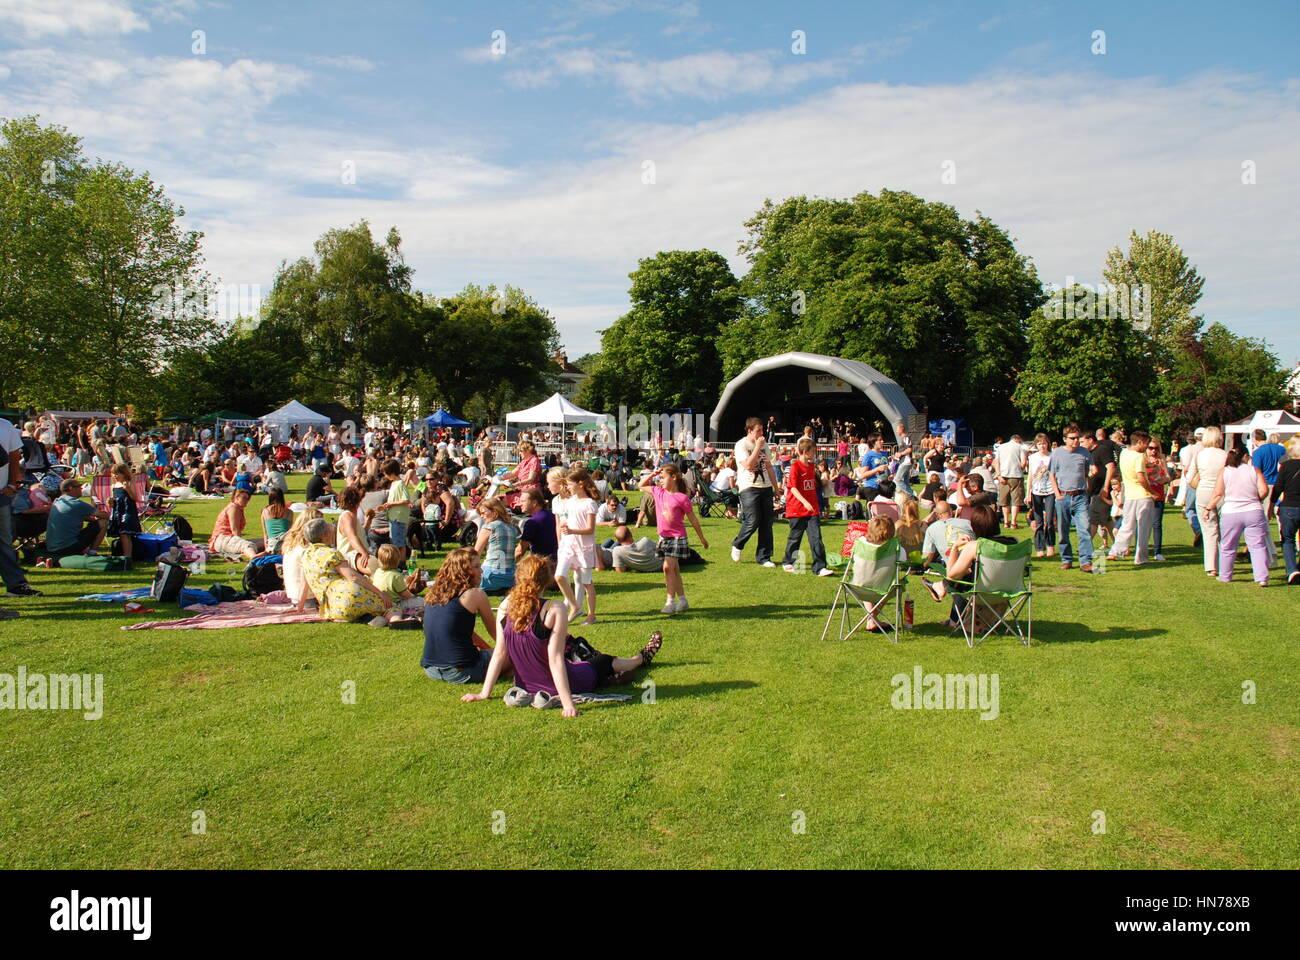 La audiencia sentarse en la hierba en el festival de música anual en Tenterden Tentertainment en Kent, Inglaterra Imagen De Stock